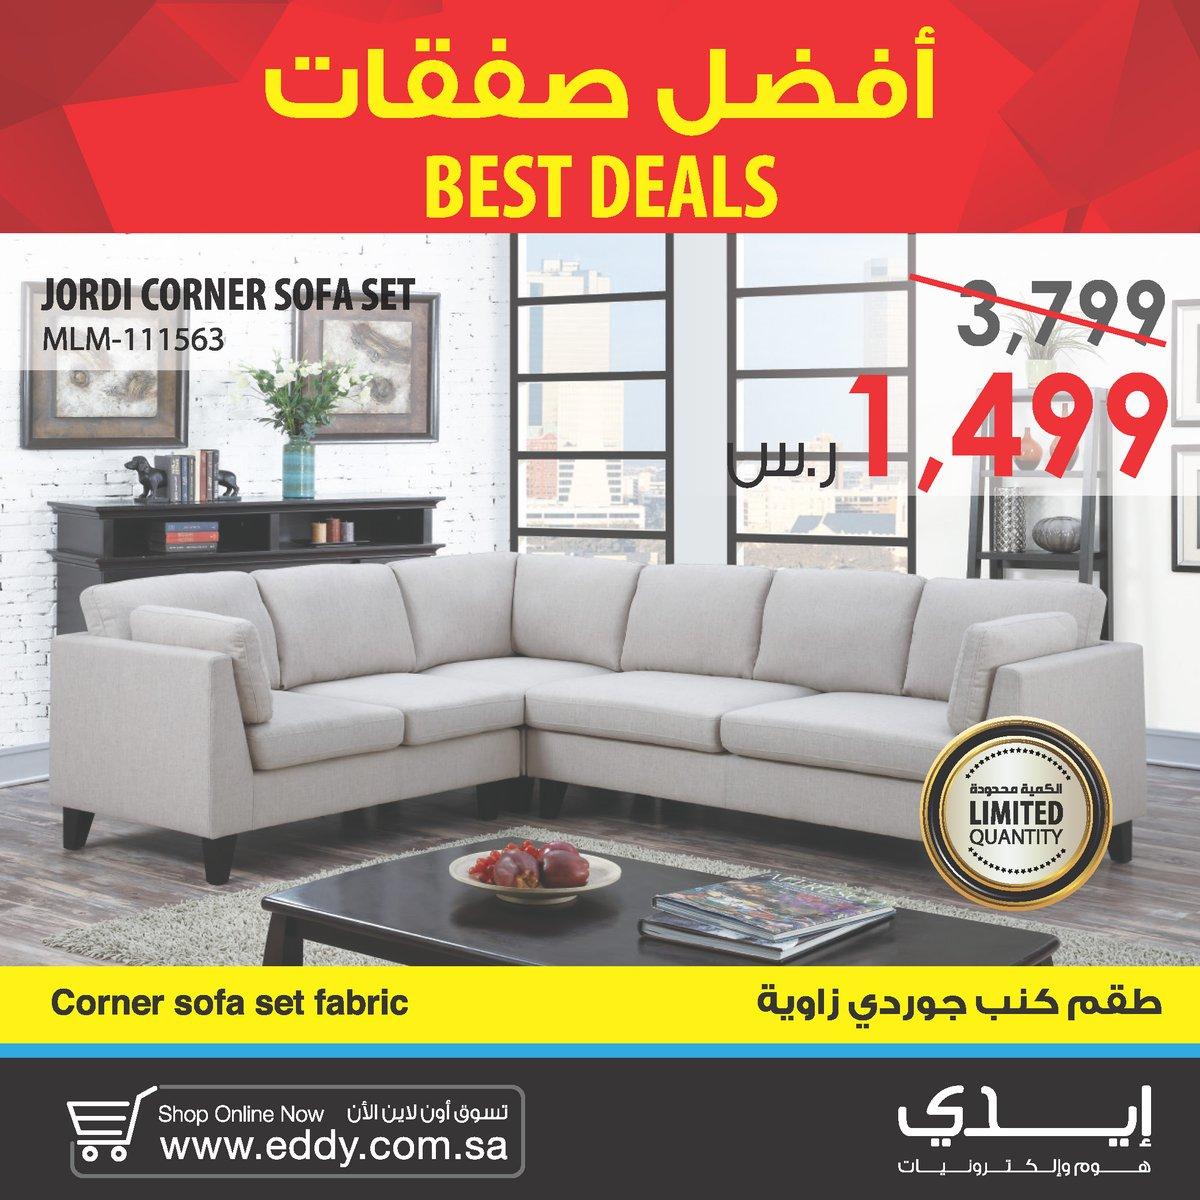 افضل الخصومات والعرض من ايدي هوم علي مفروشات عروض اليوم Sectional Couch Home Decor Furniture